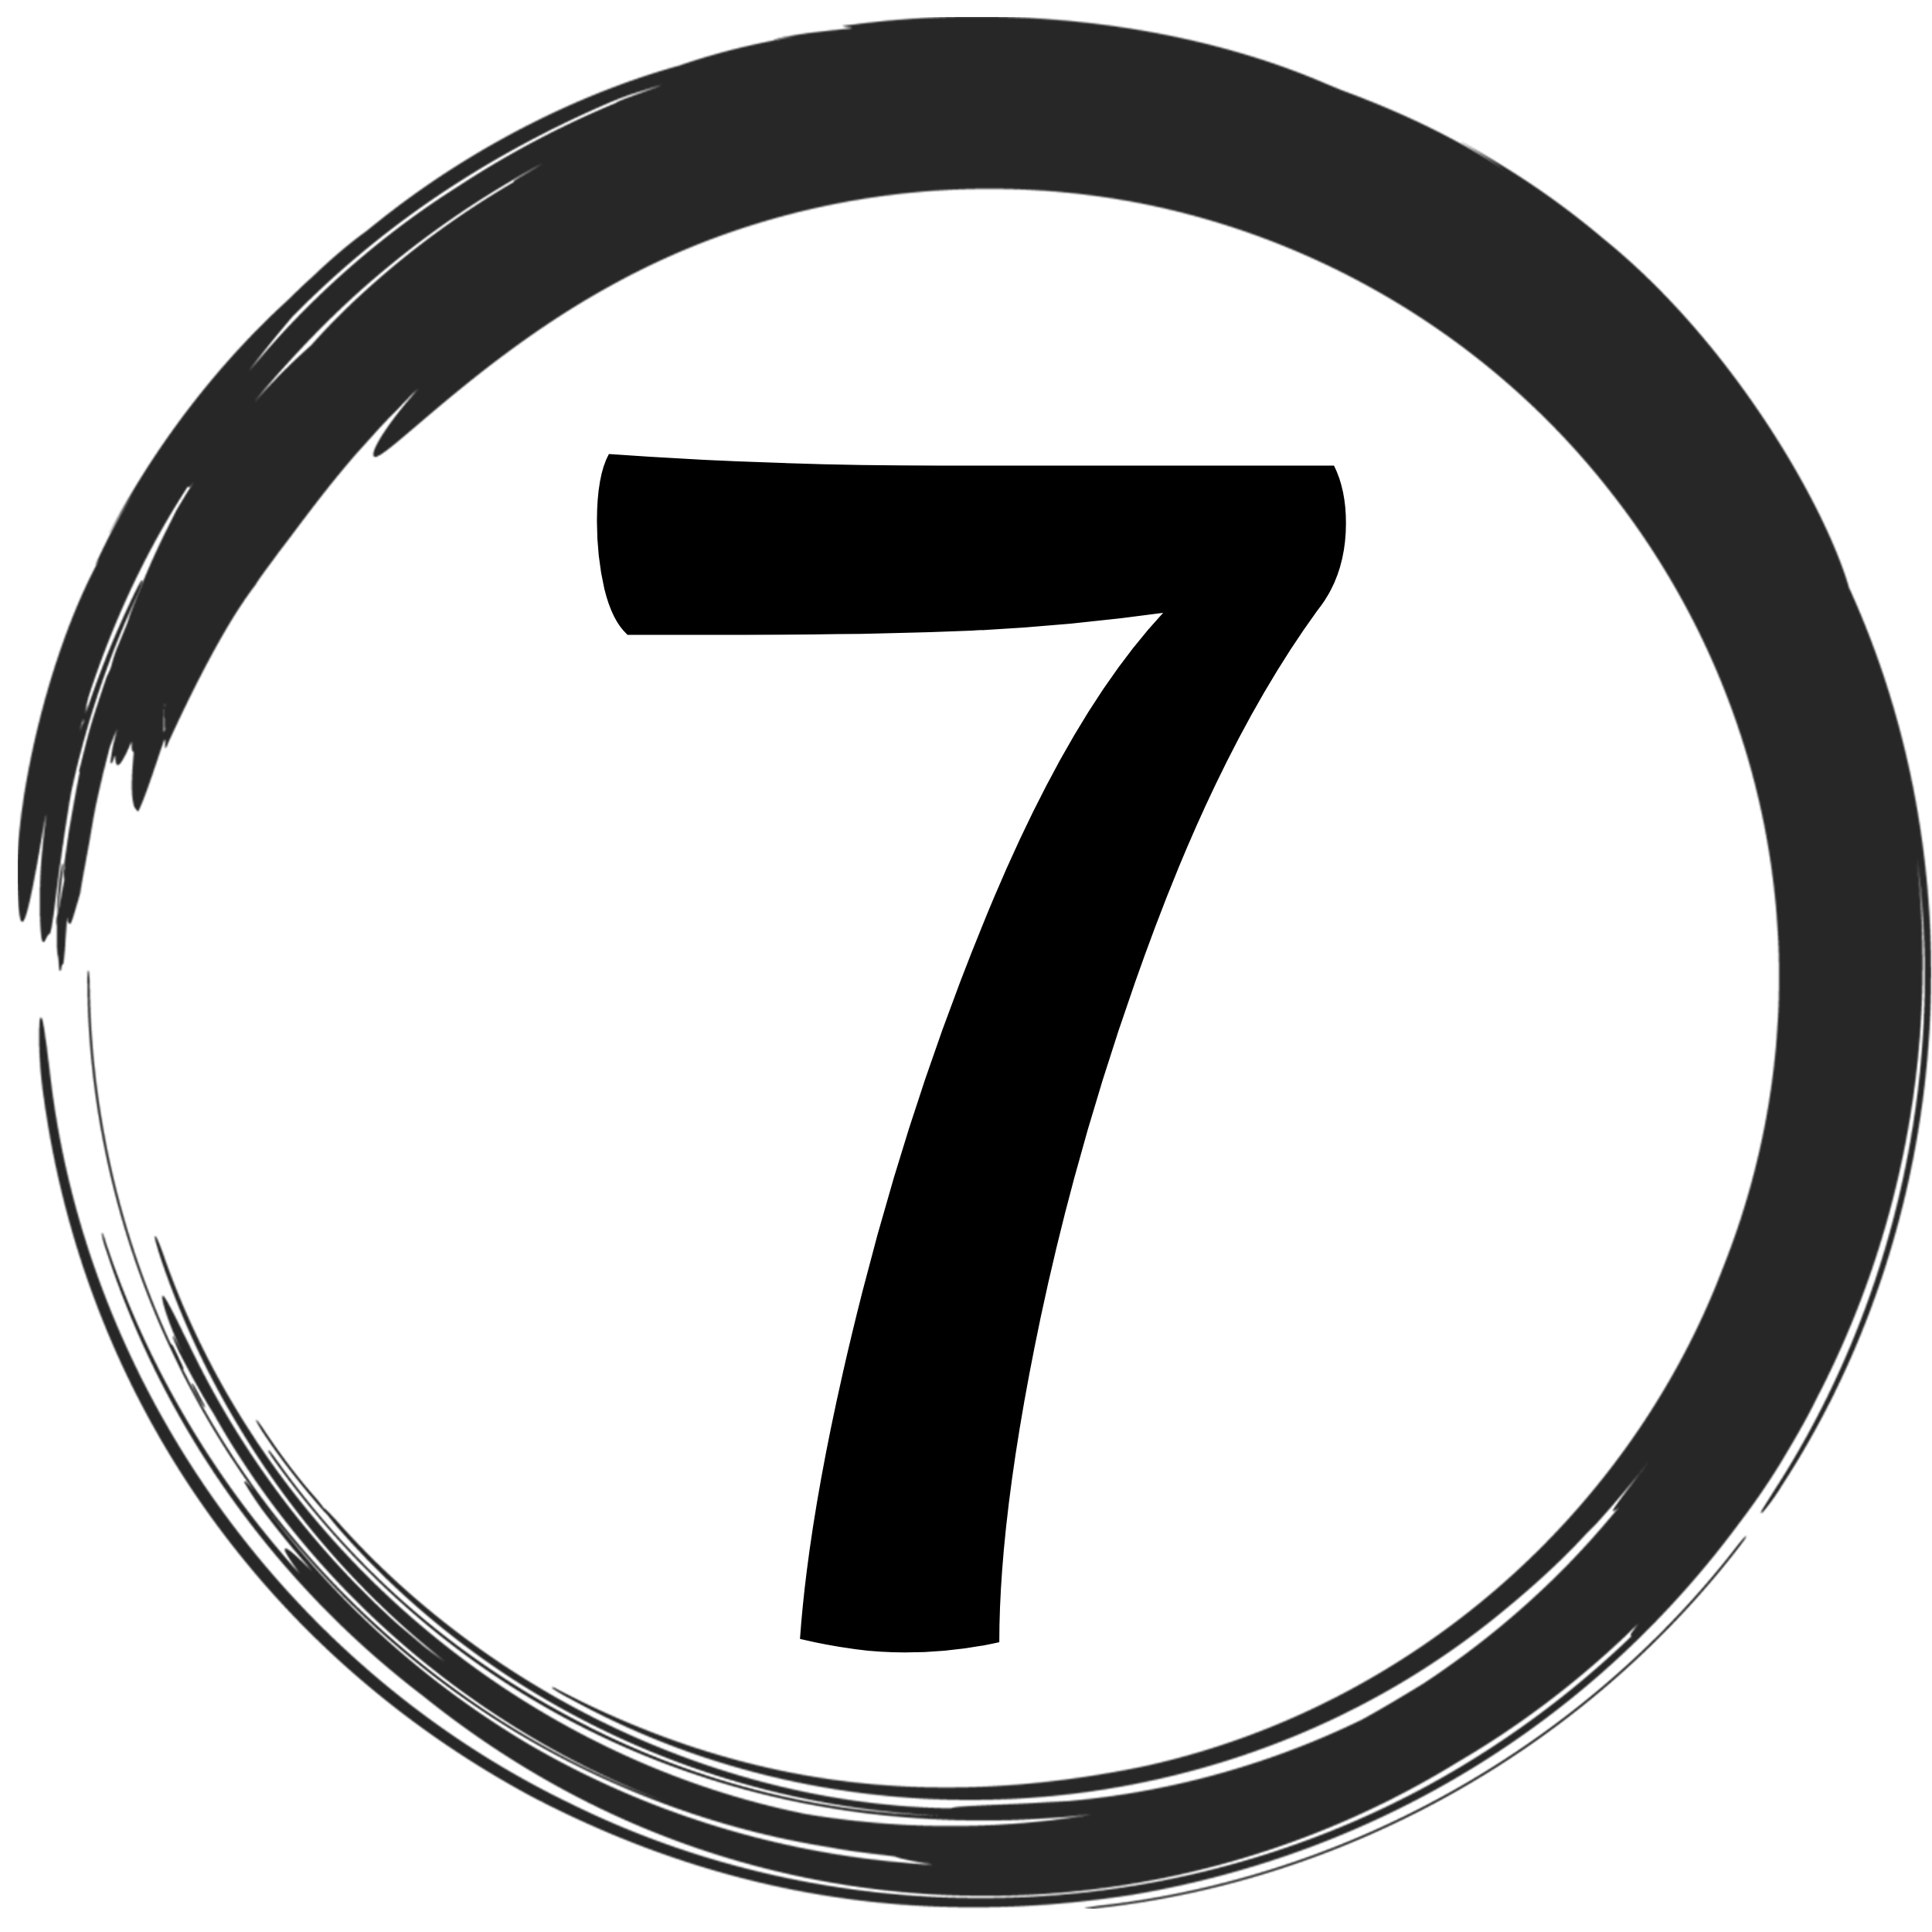 Die Zahl 7 in einem Kreis